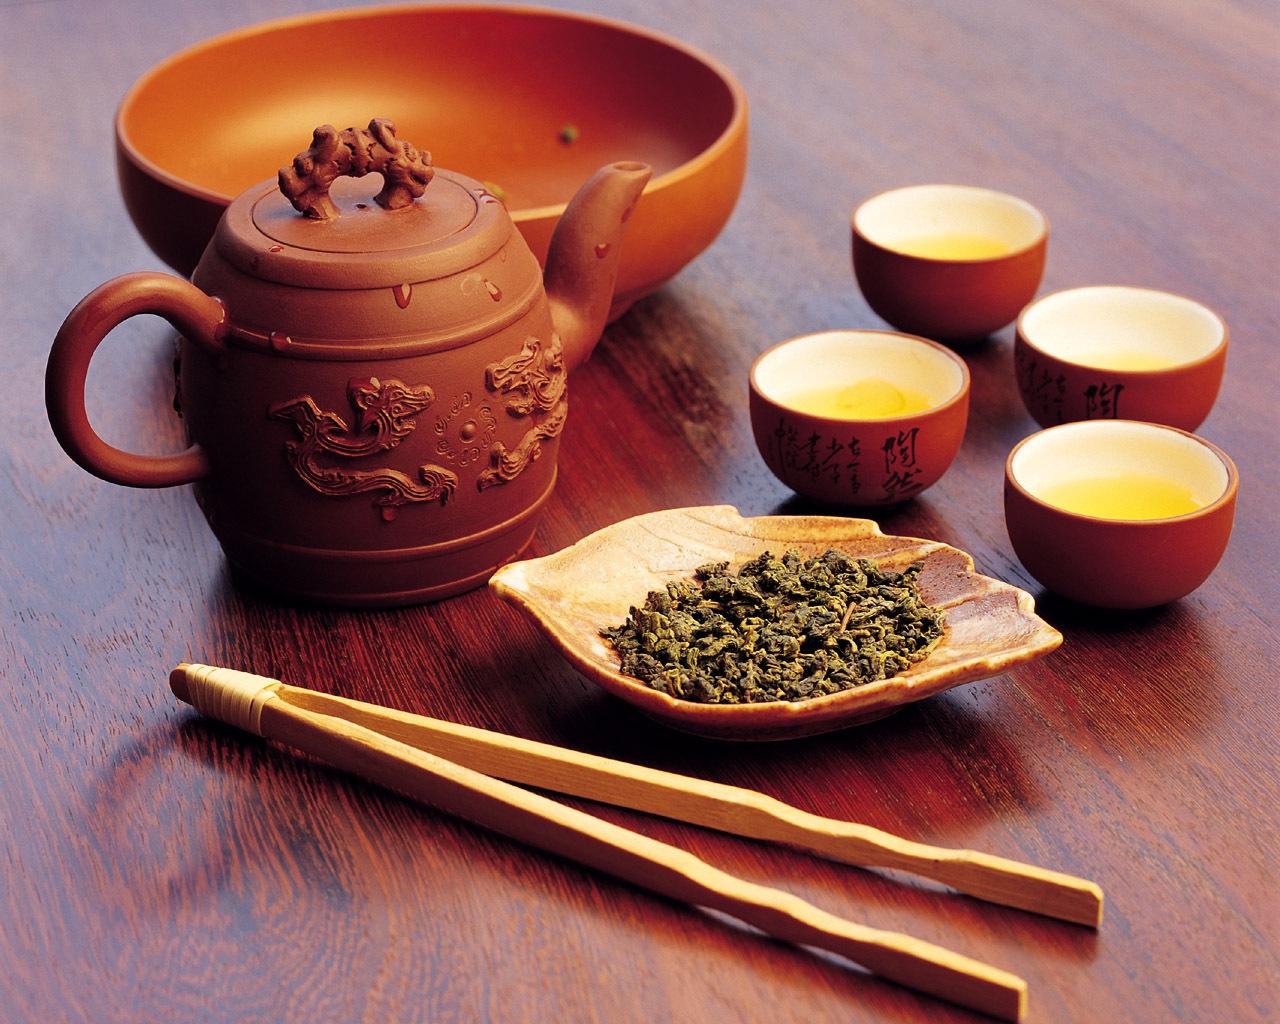 Чай по-казахски ингредиенты:на 4 порции: чай черный байховый - 6 г, молоко или сливки - полстакана